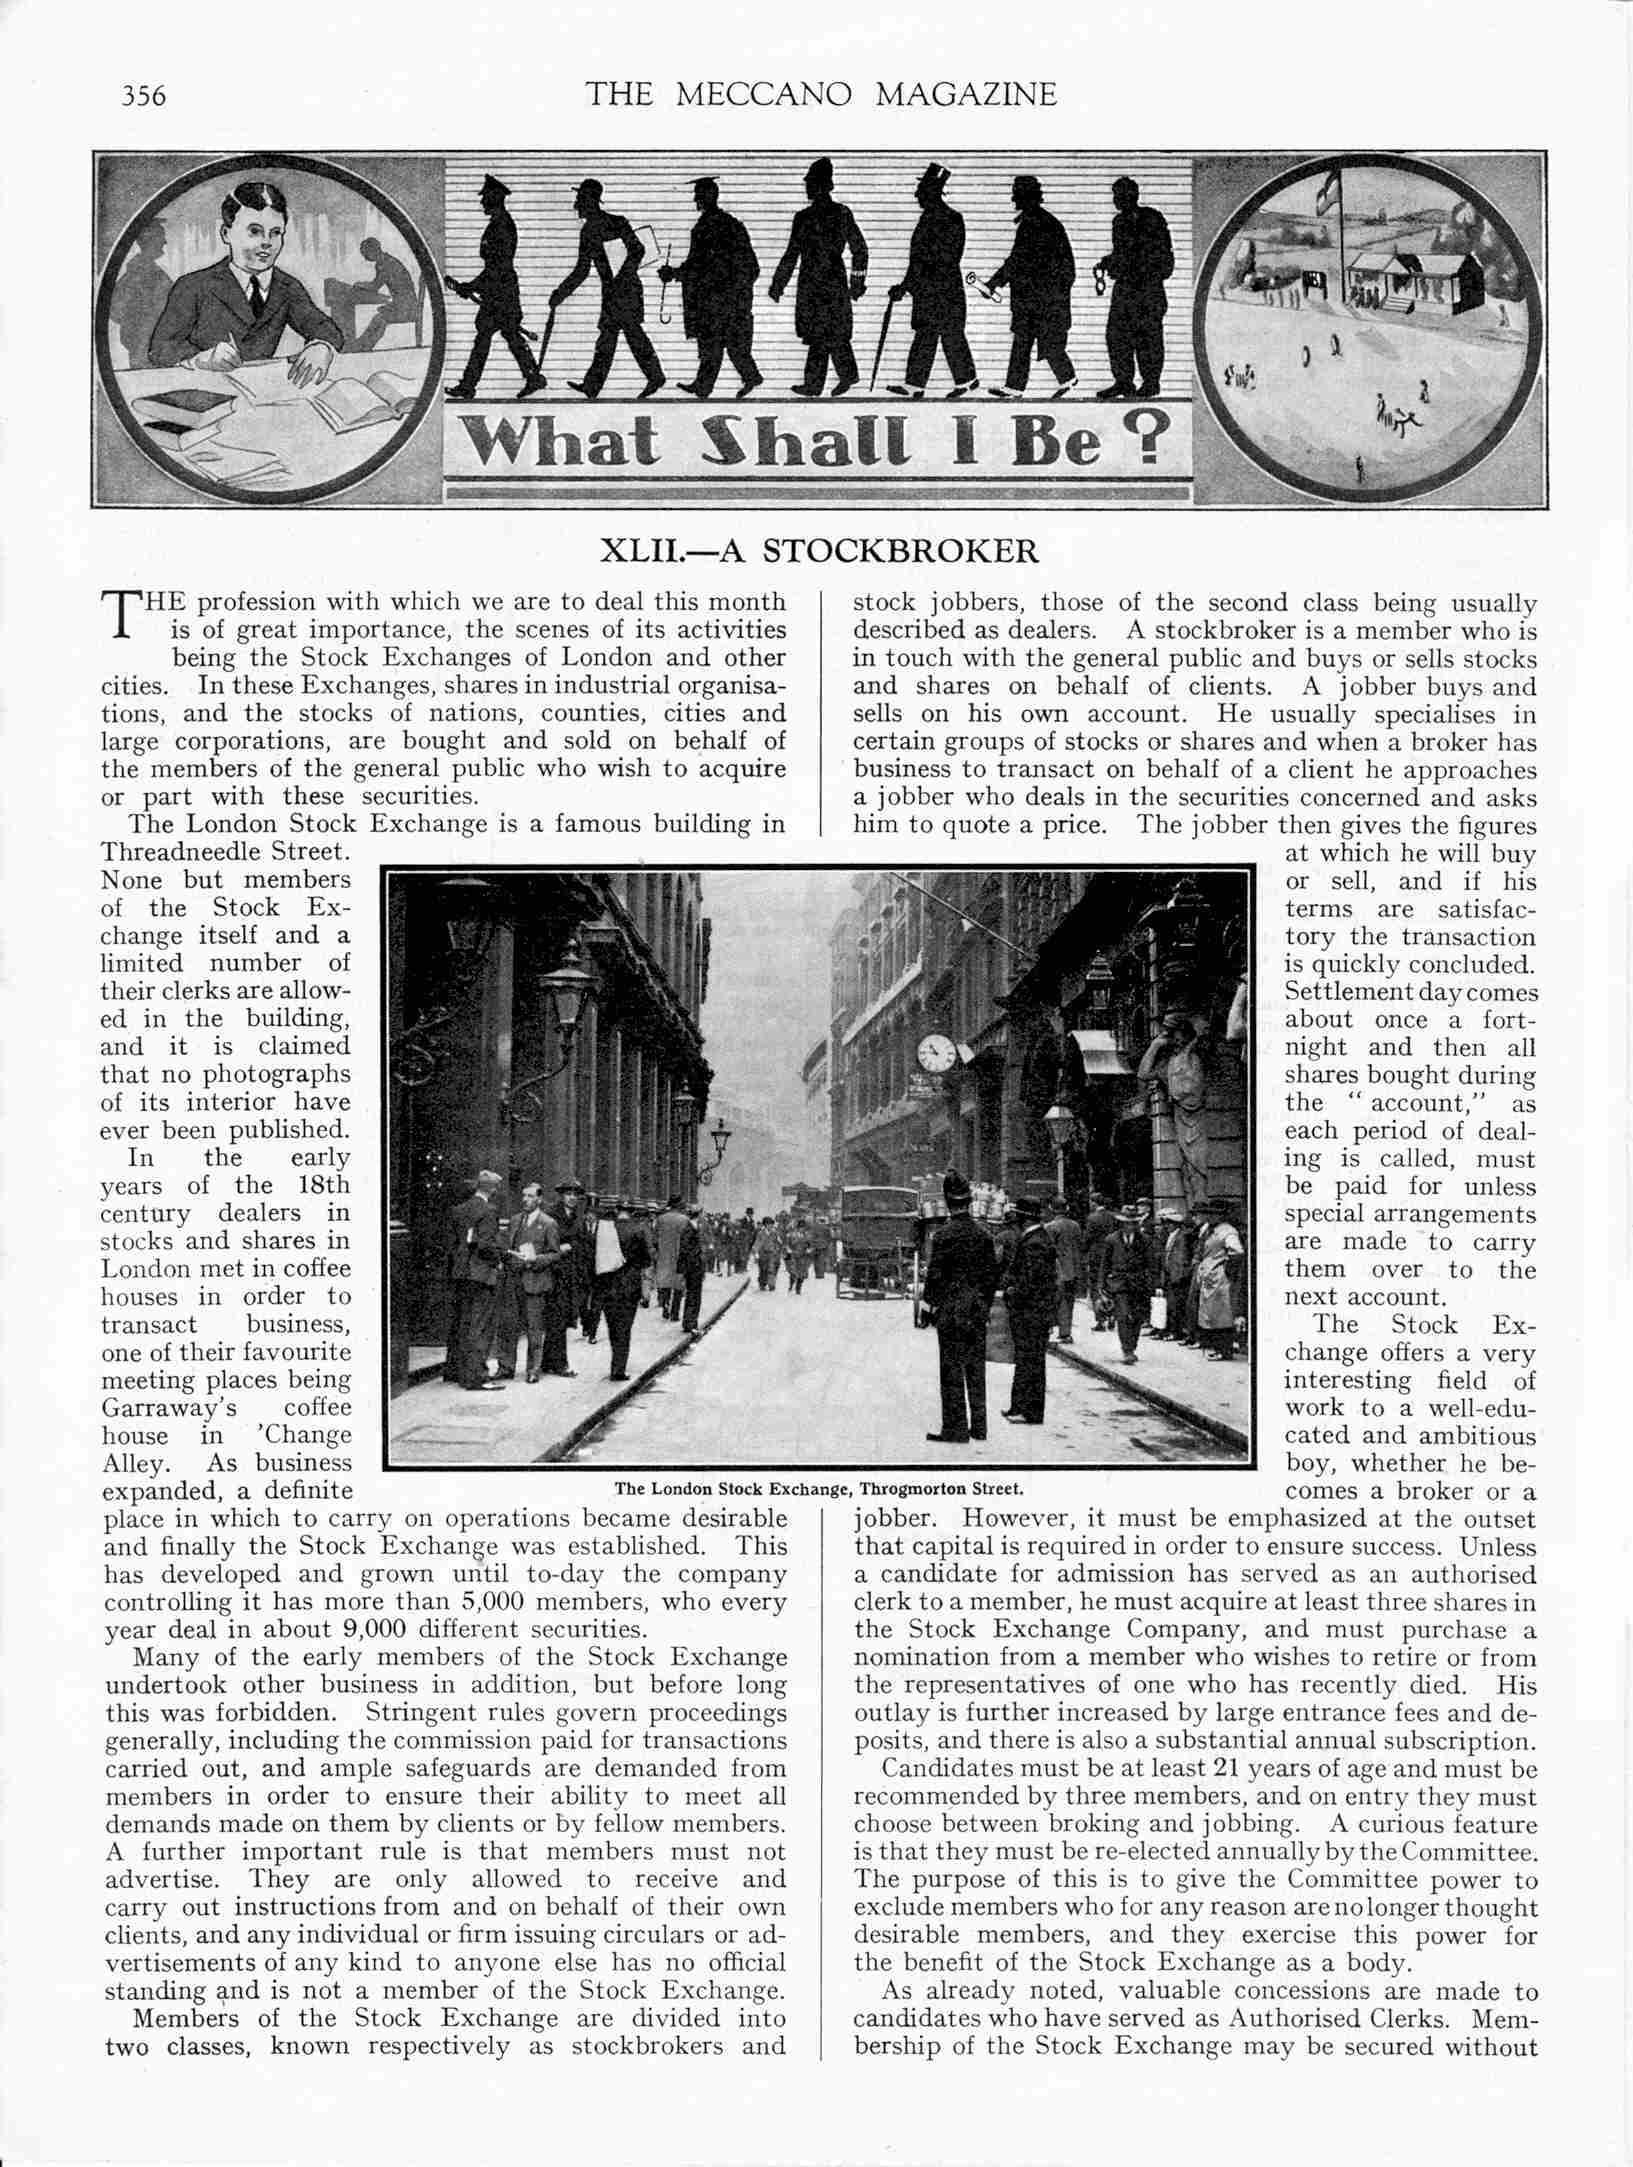 UK Meccano Magazine May 1933 Page 356